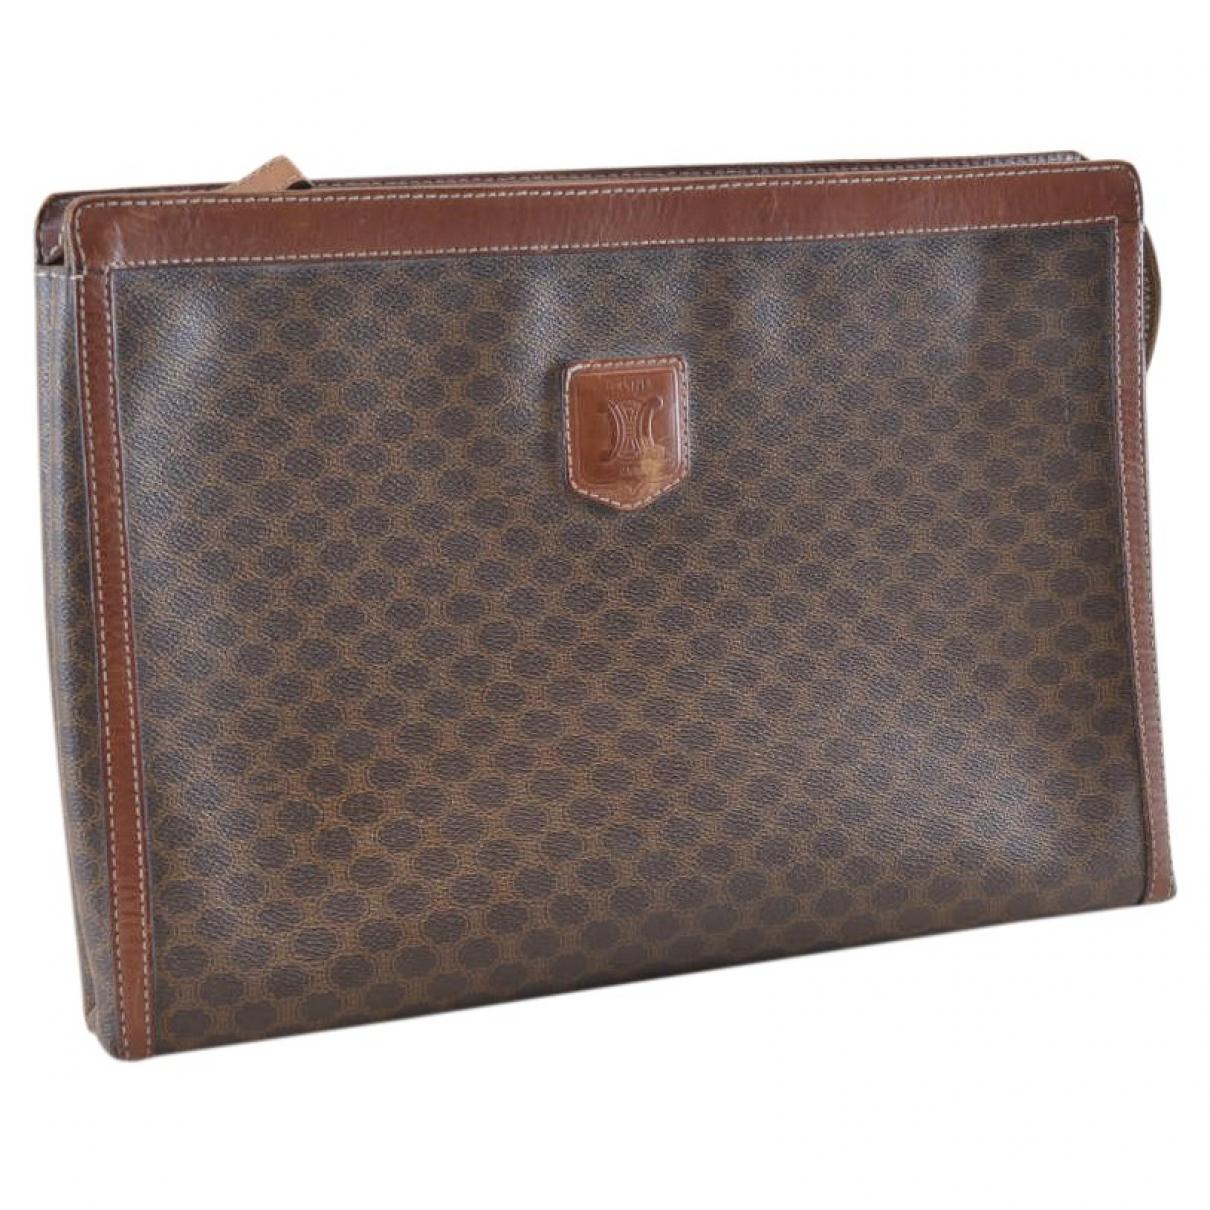 Celine \N Brown Cloth Clutch bag for Women \N